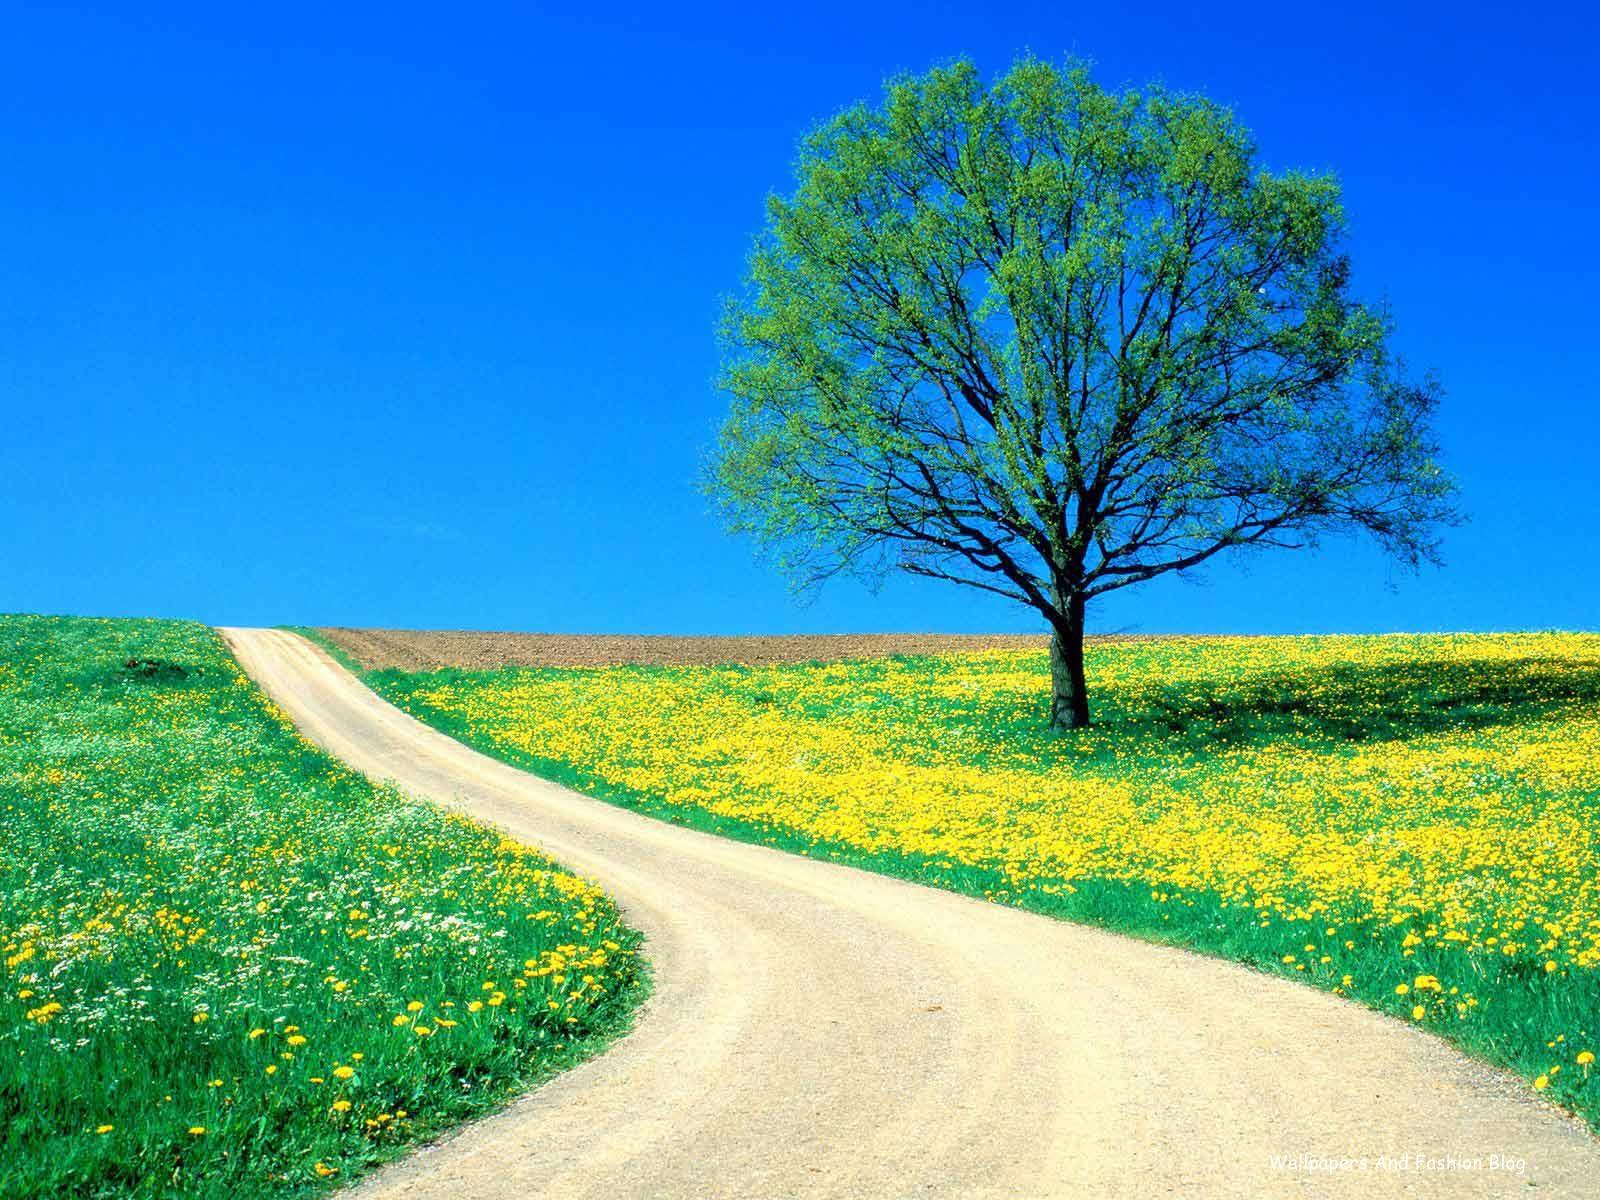 http://1.bp.blogspot.com/-NMPPejmLvZQ/TyBRcuce6wI/AAAAAAAADwk/1VcR2bdx3M4/s1600/Landscape_HD_Nature_Wallpapers_For_desktop_and_mobile+%252816%2529.jpg